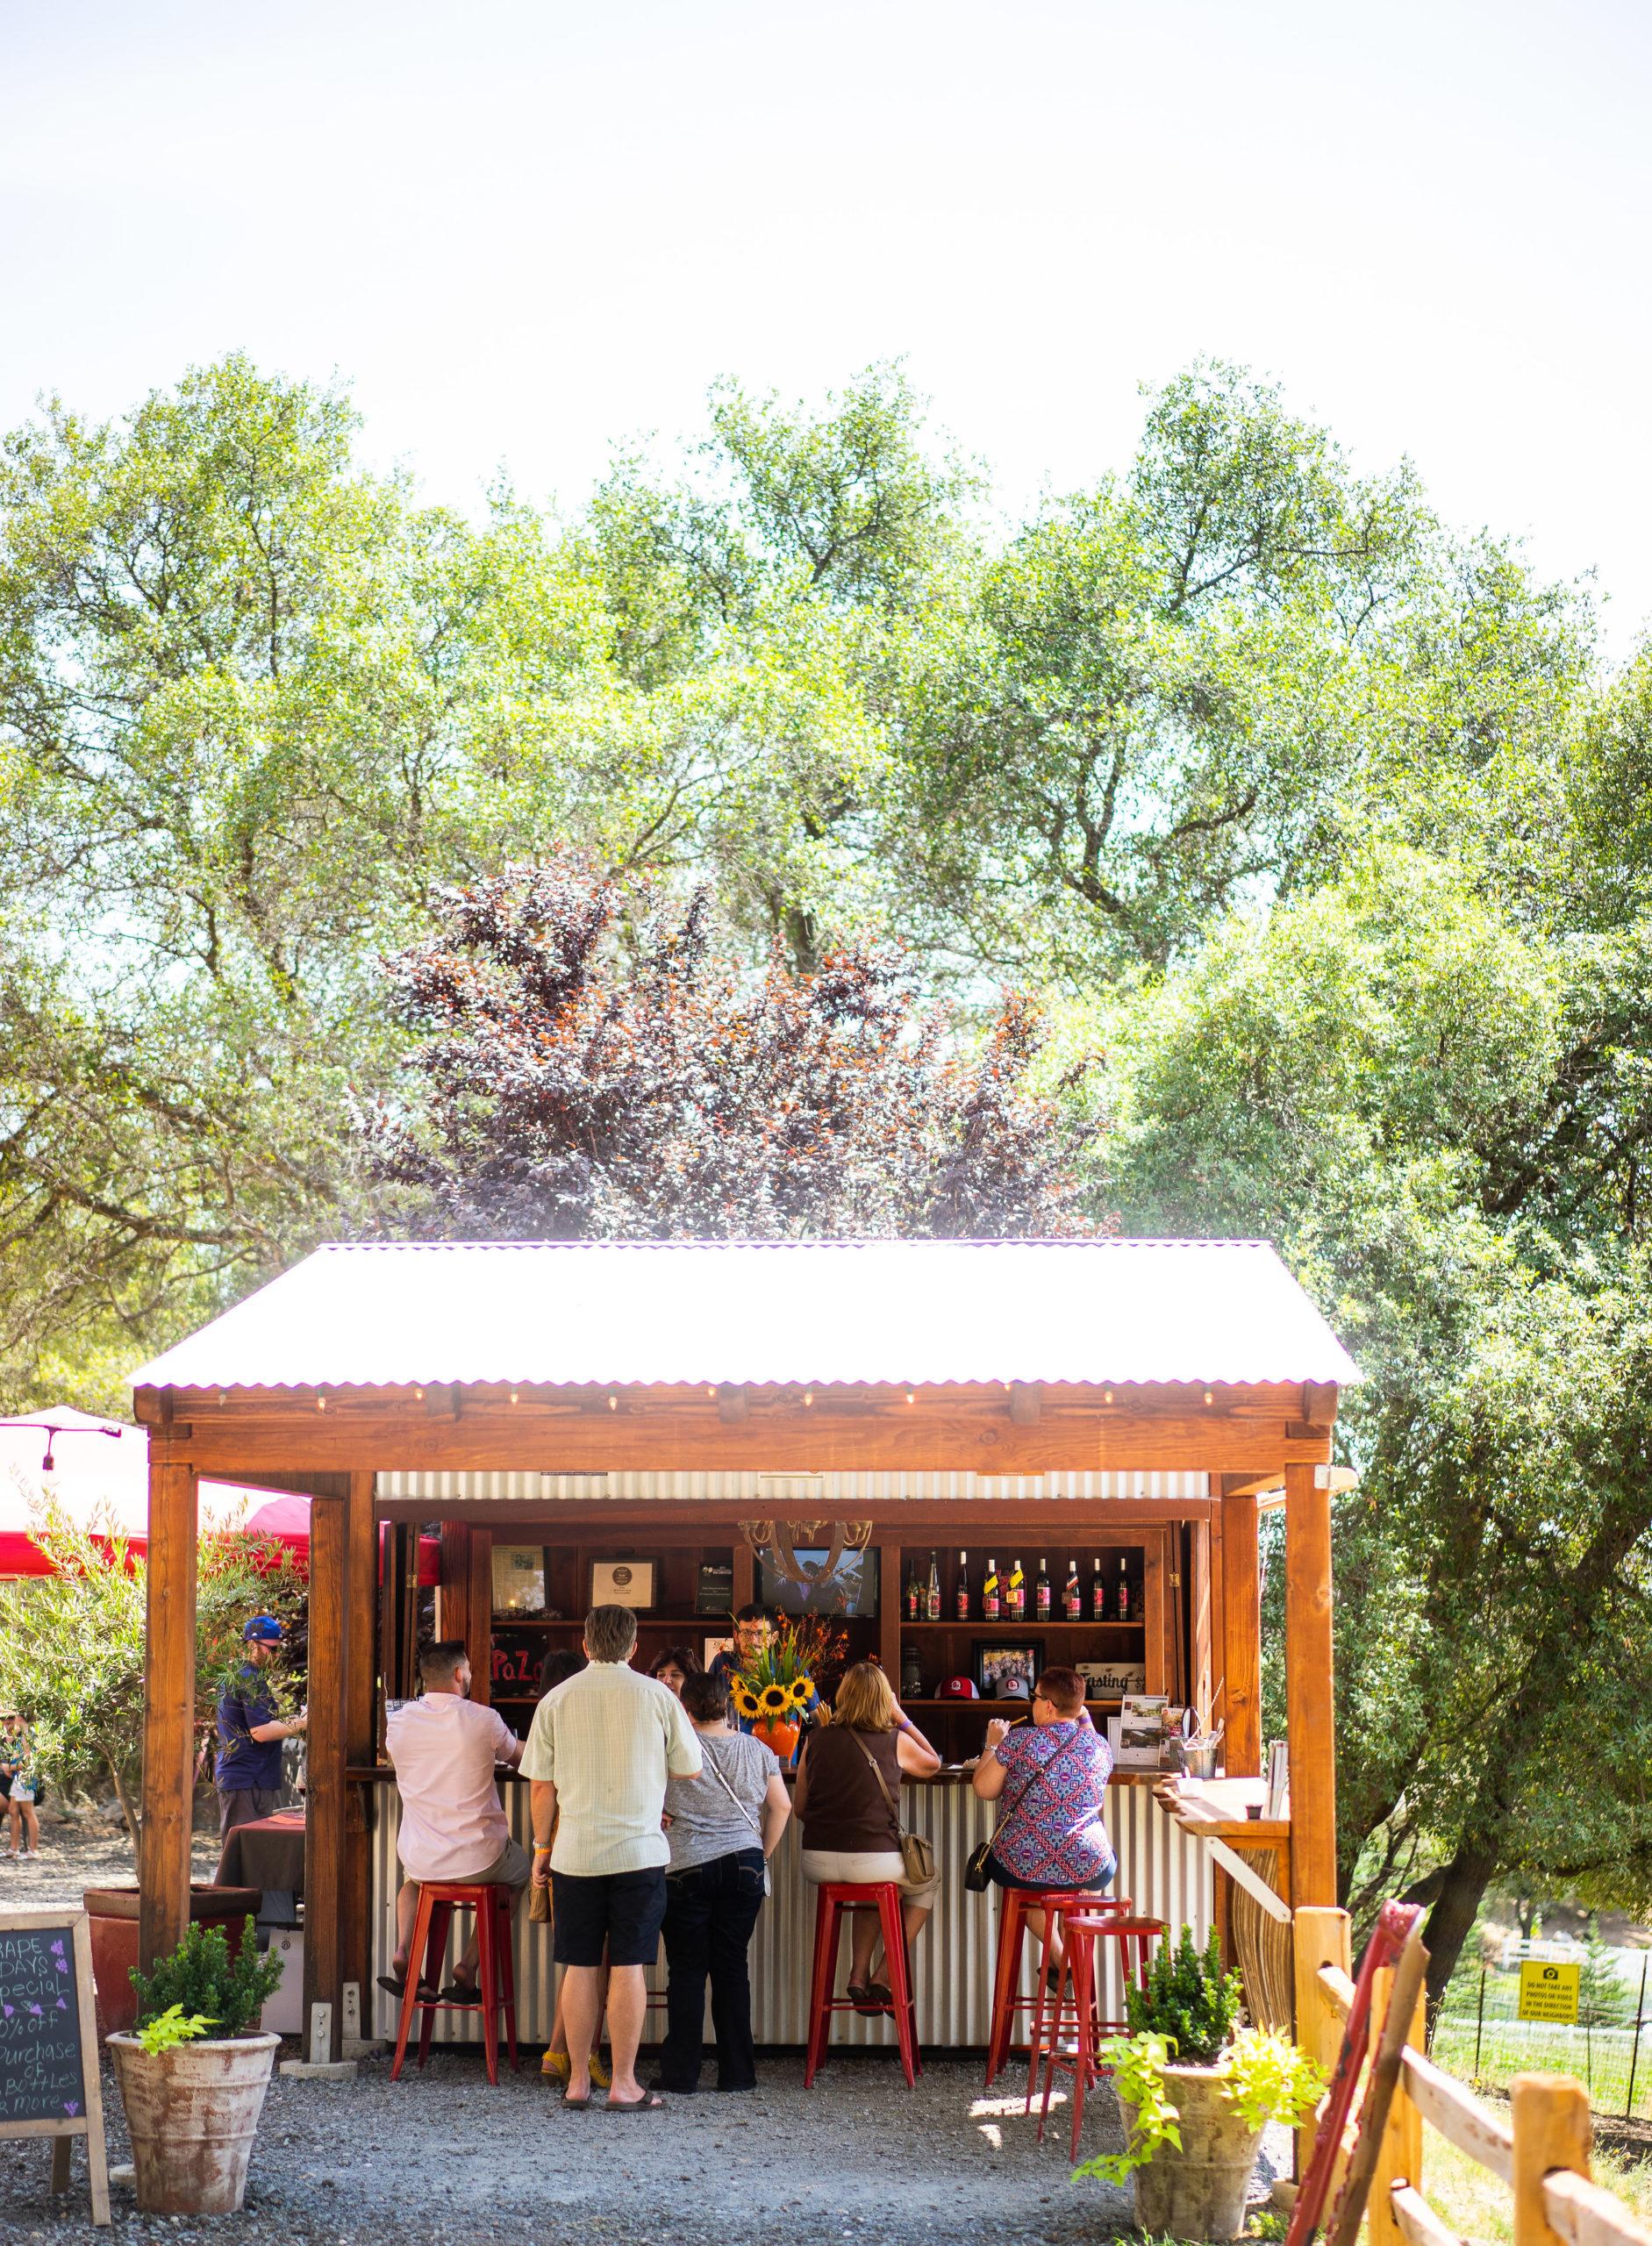 PaZa Vineyard & Winery